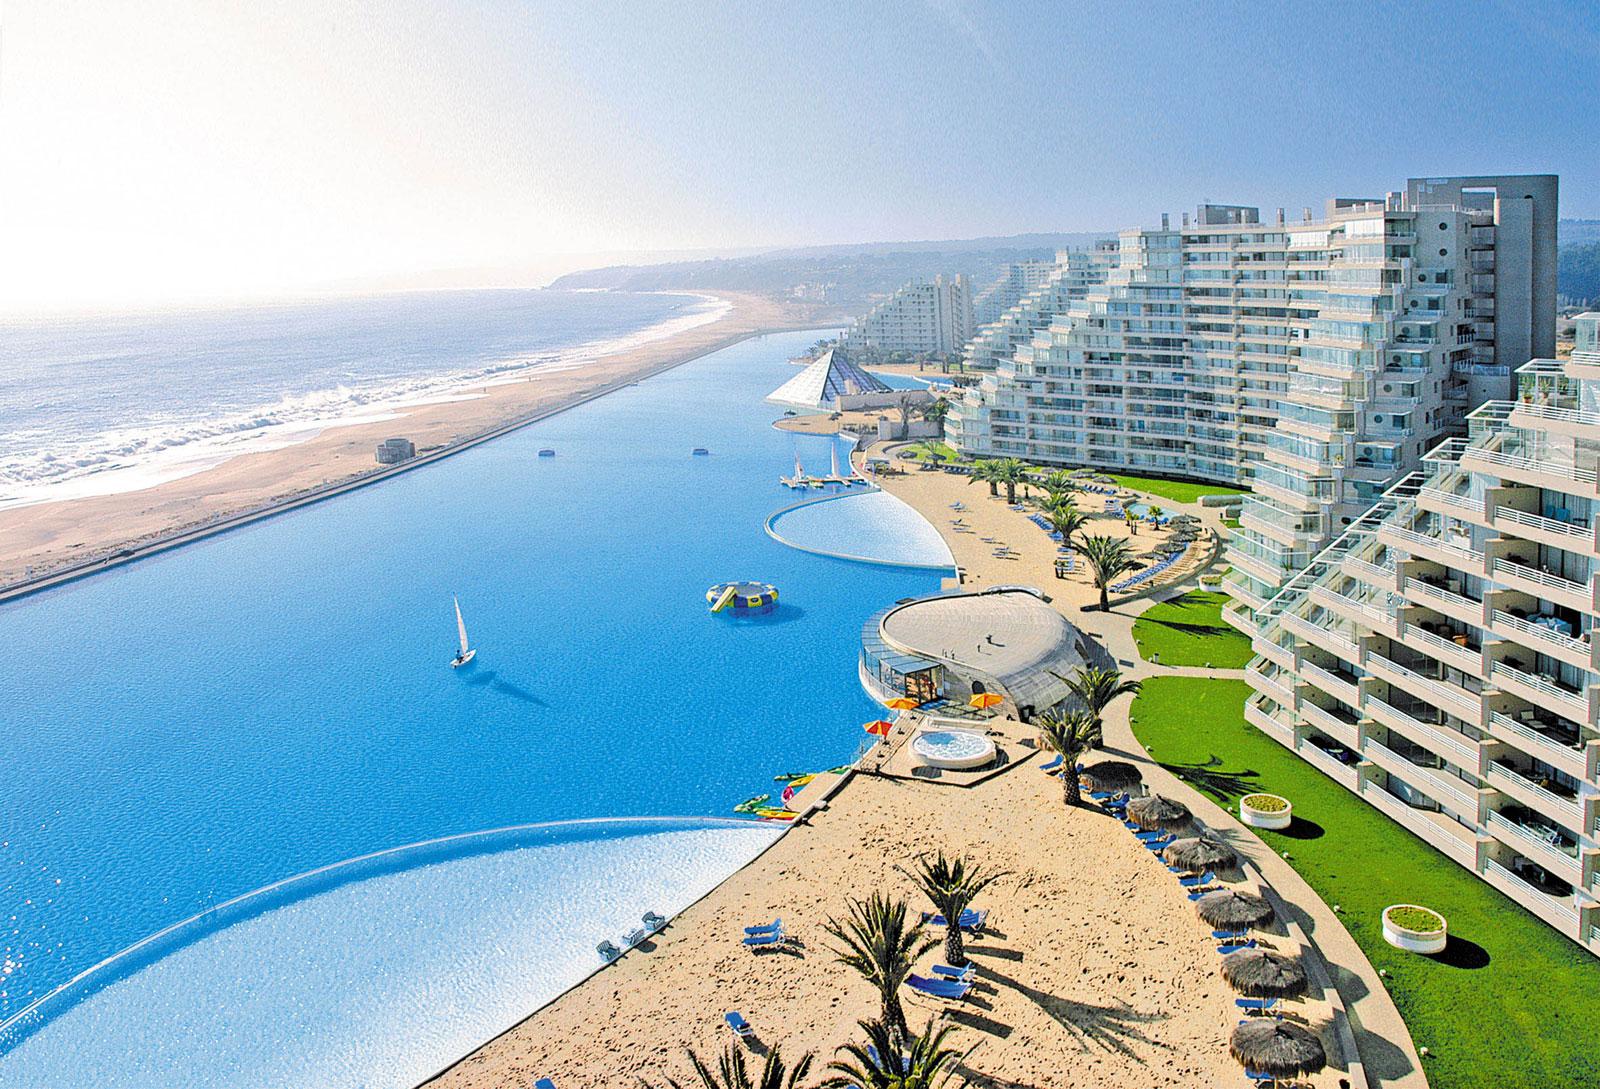 Las piscinas m s espectaculares del mundo exoticca blog for Mas piscinas